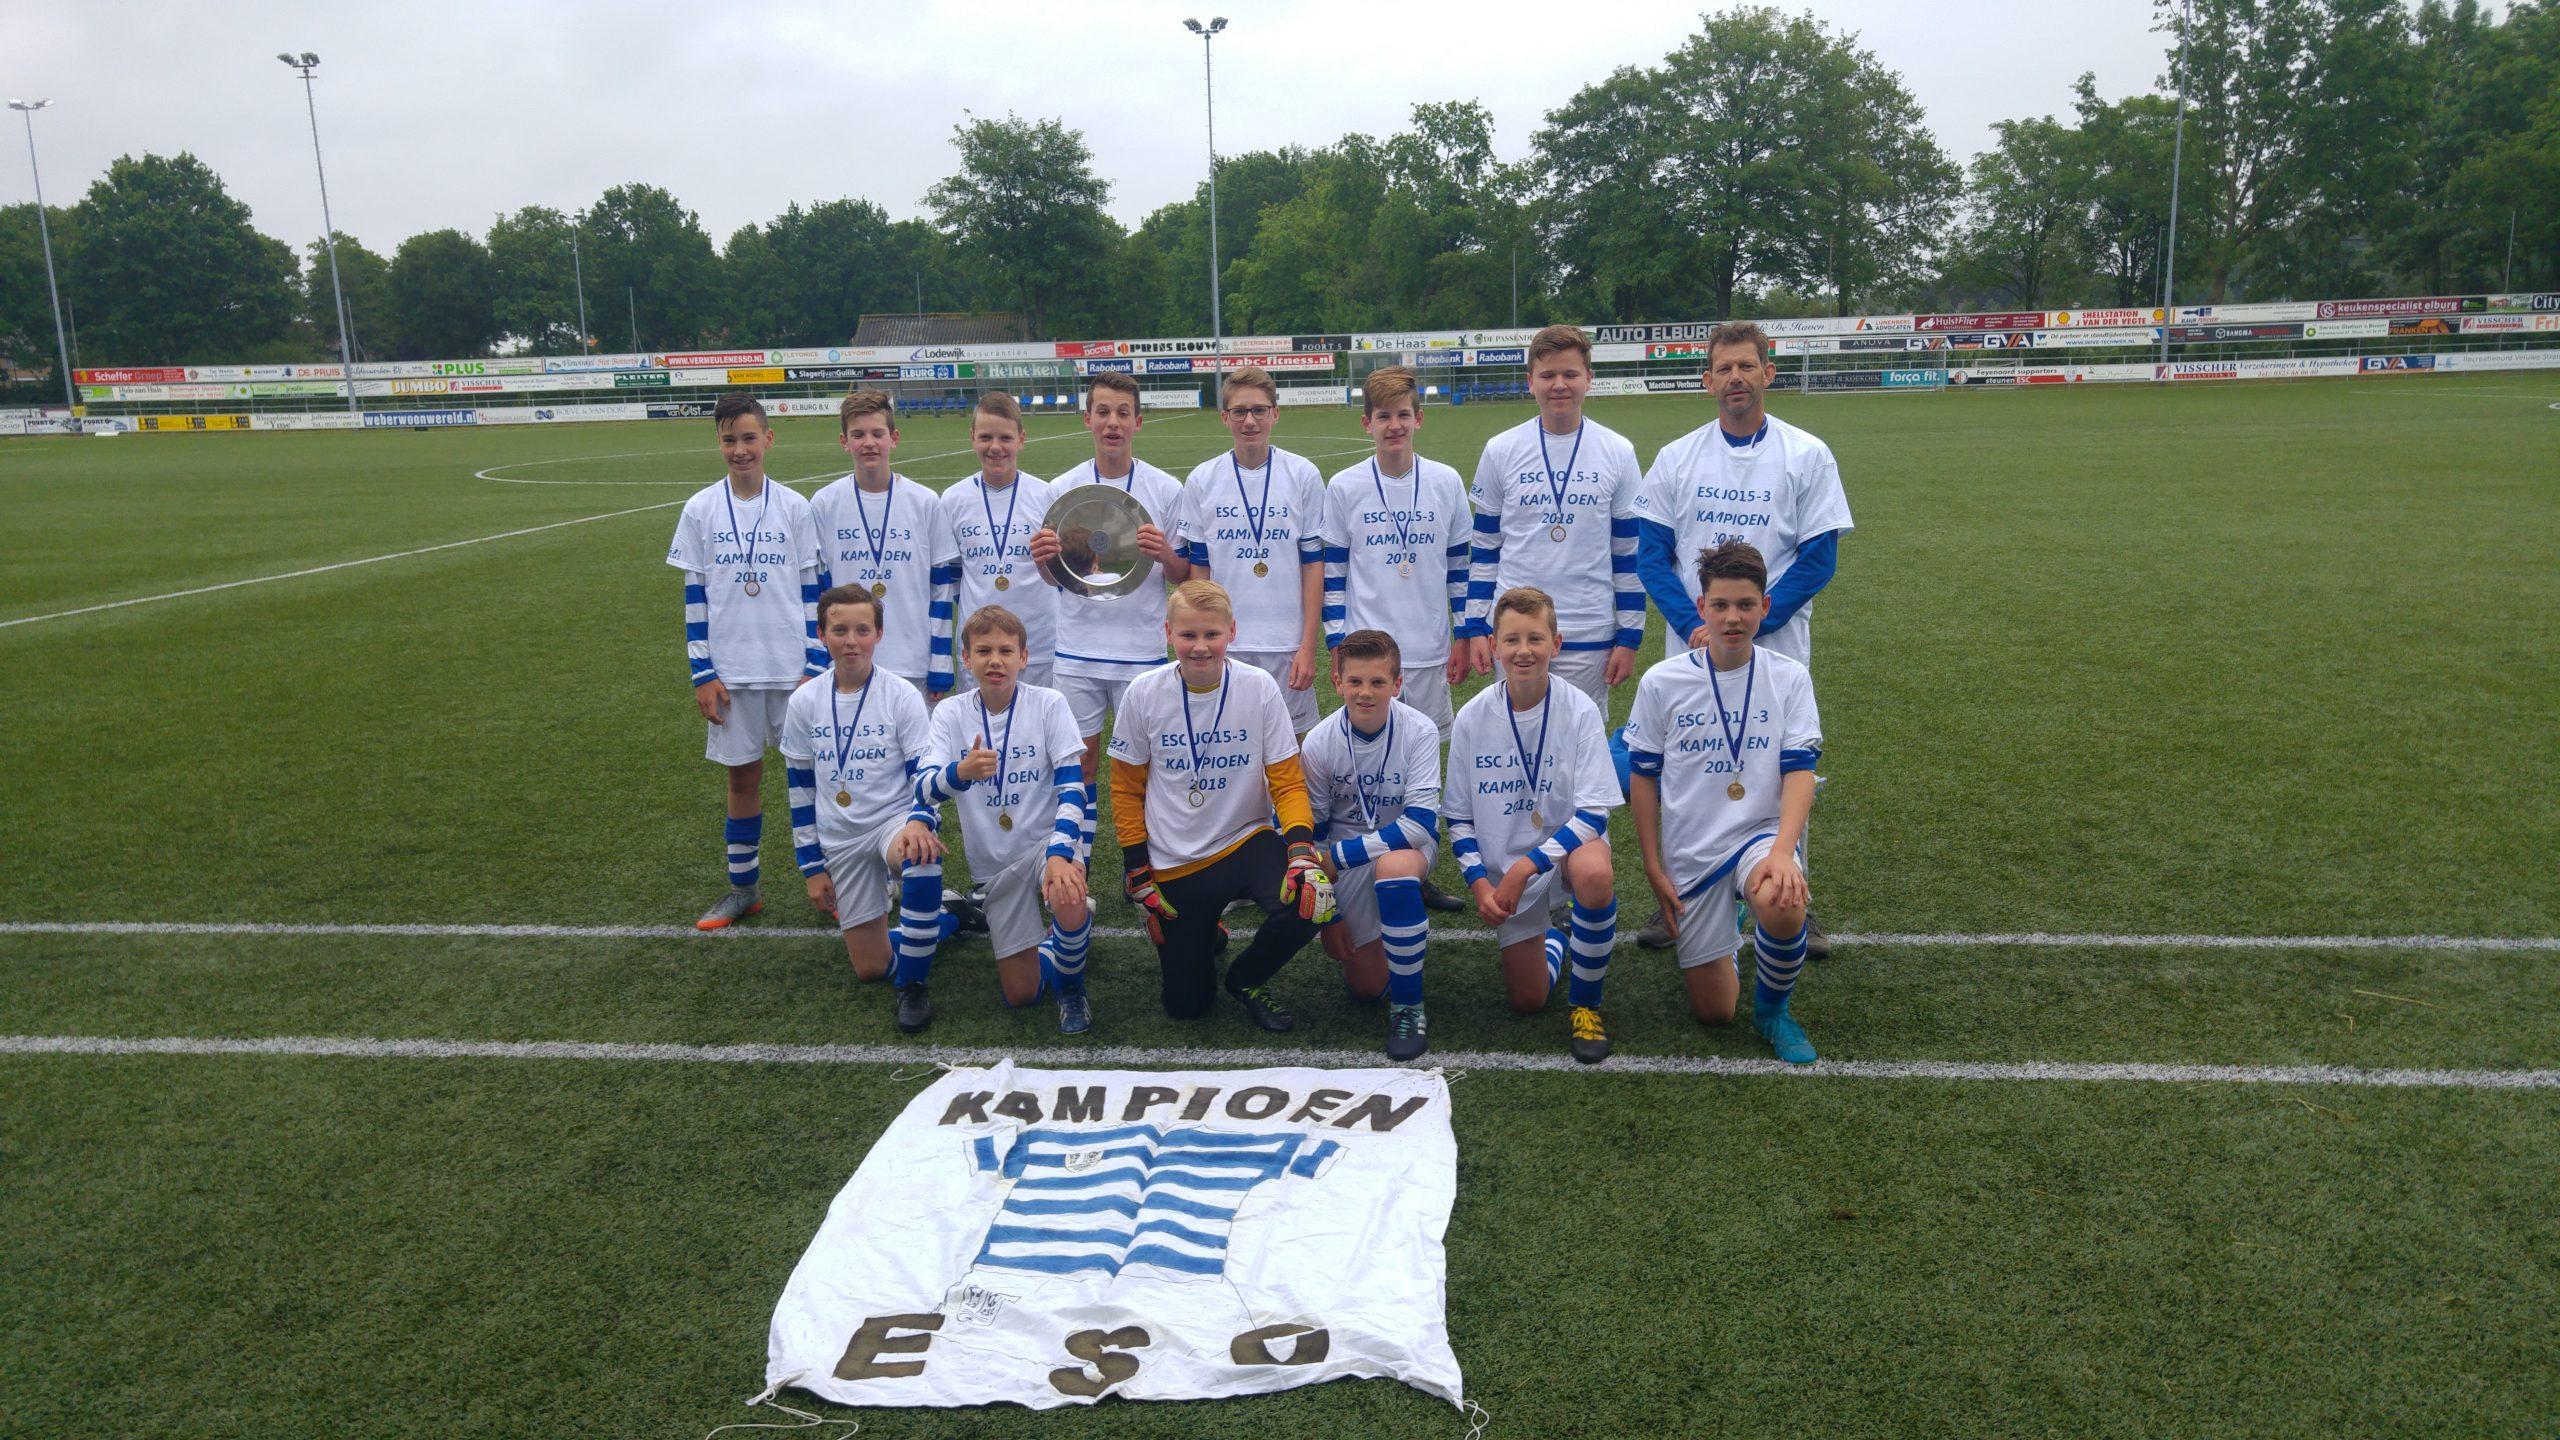 JO15-3 Kampioen - Elburger SC